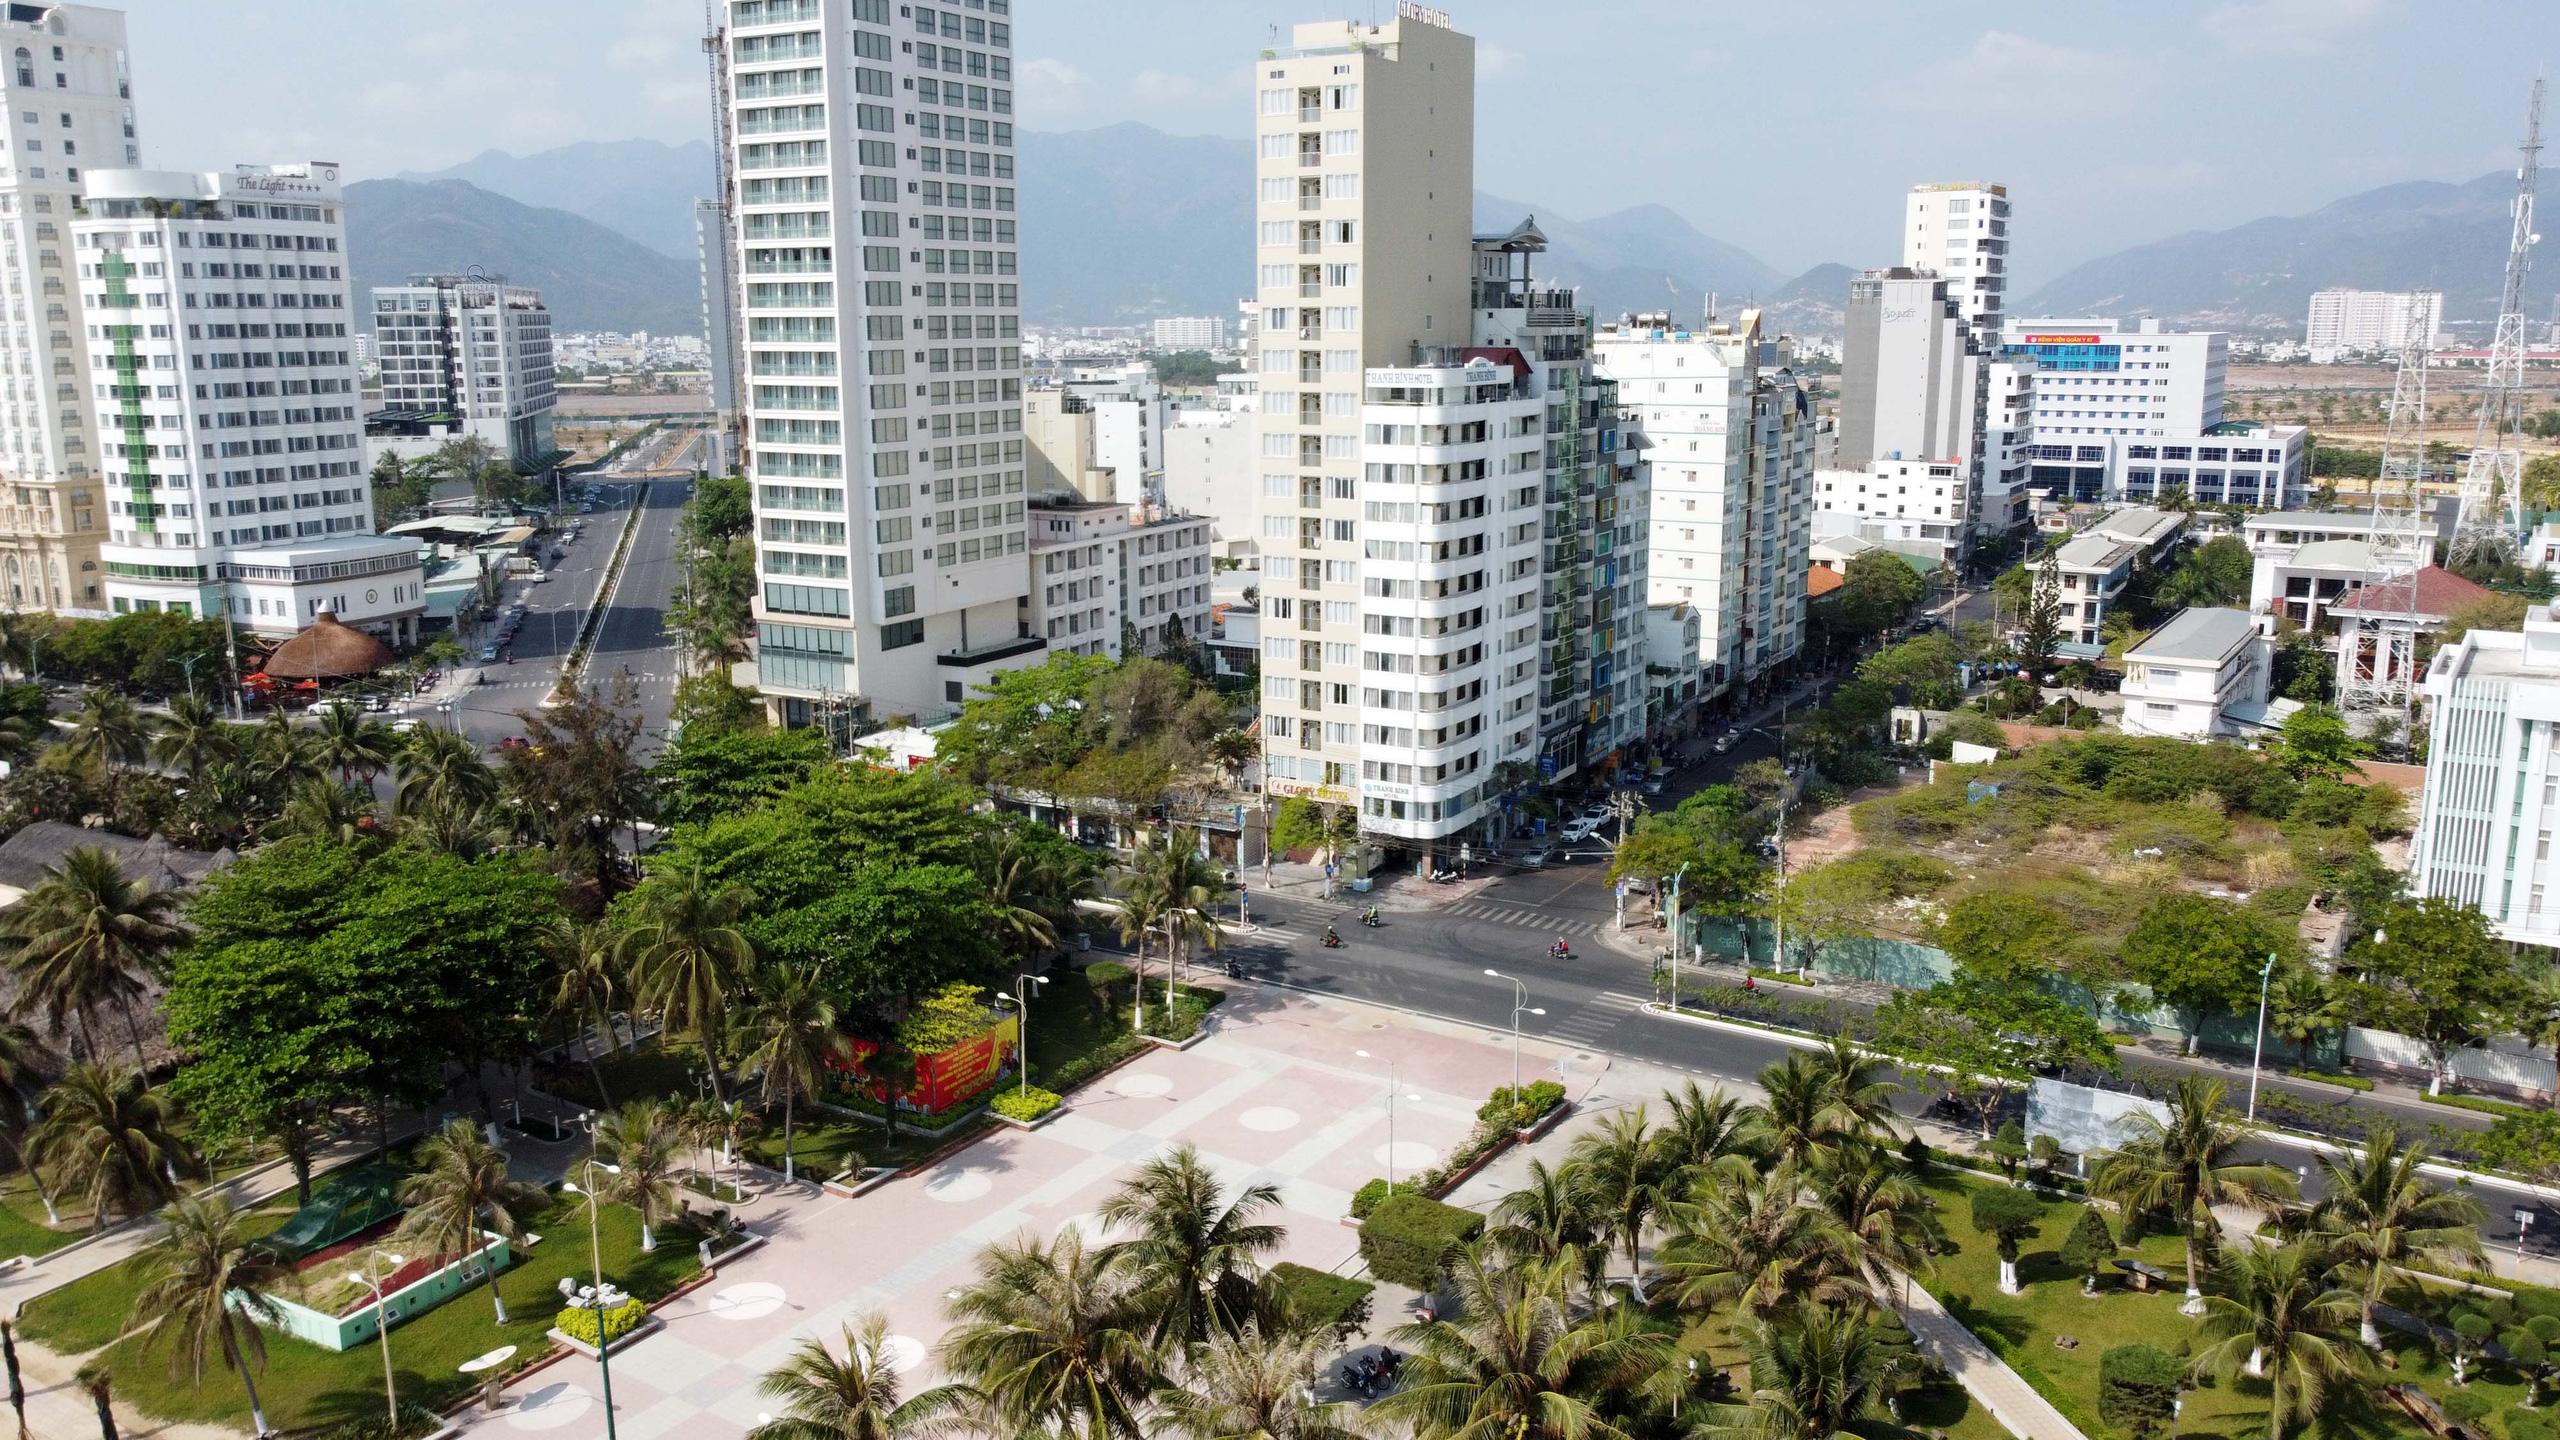 Hàng loạt dự án 'đất vàng' mặt tiền biển Nha Trang trở thành bãi hoang - Ảnh 6.